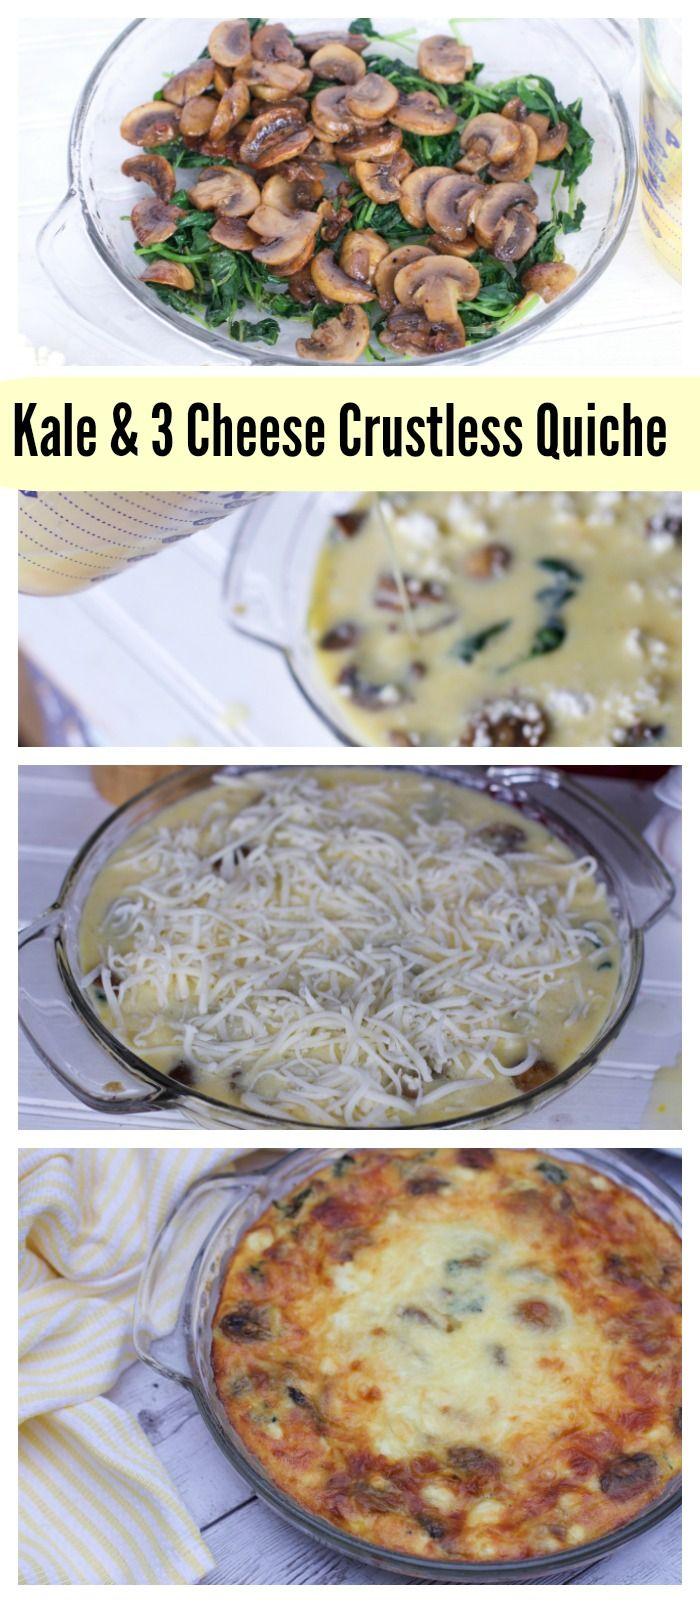 Blue apron quiche artichoke - Kale Mushroom And 3 Cheese Crustless Quiche Recipe Ad